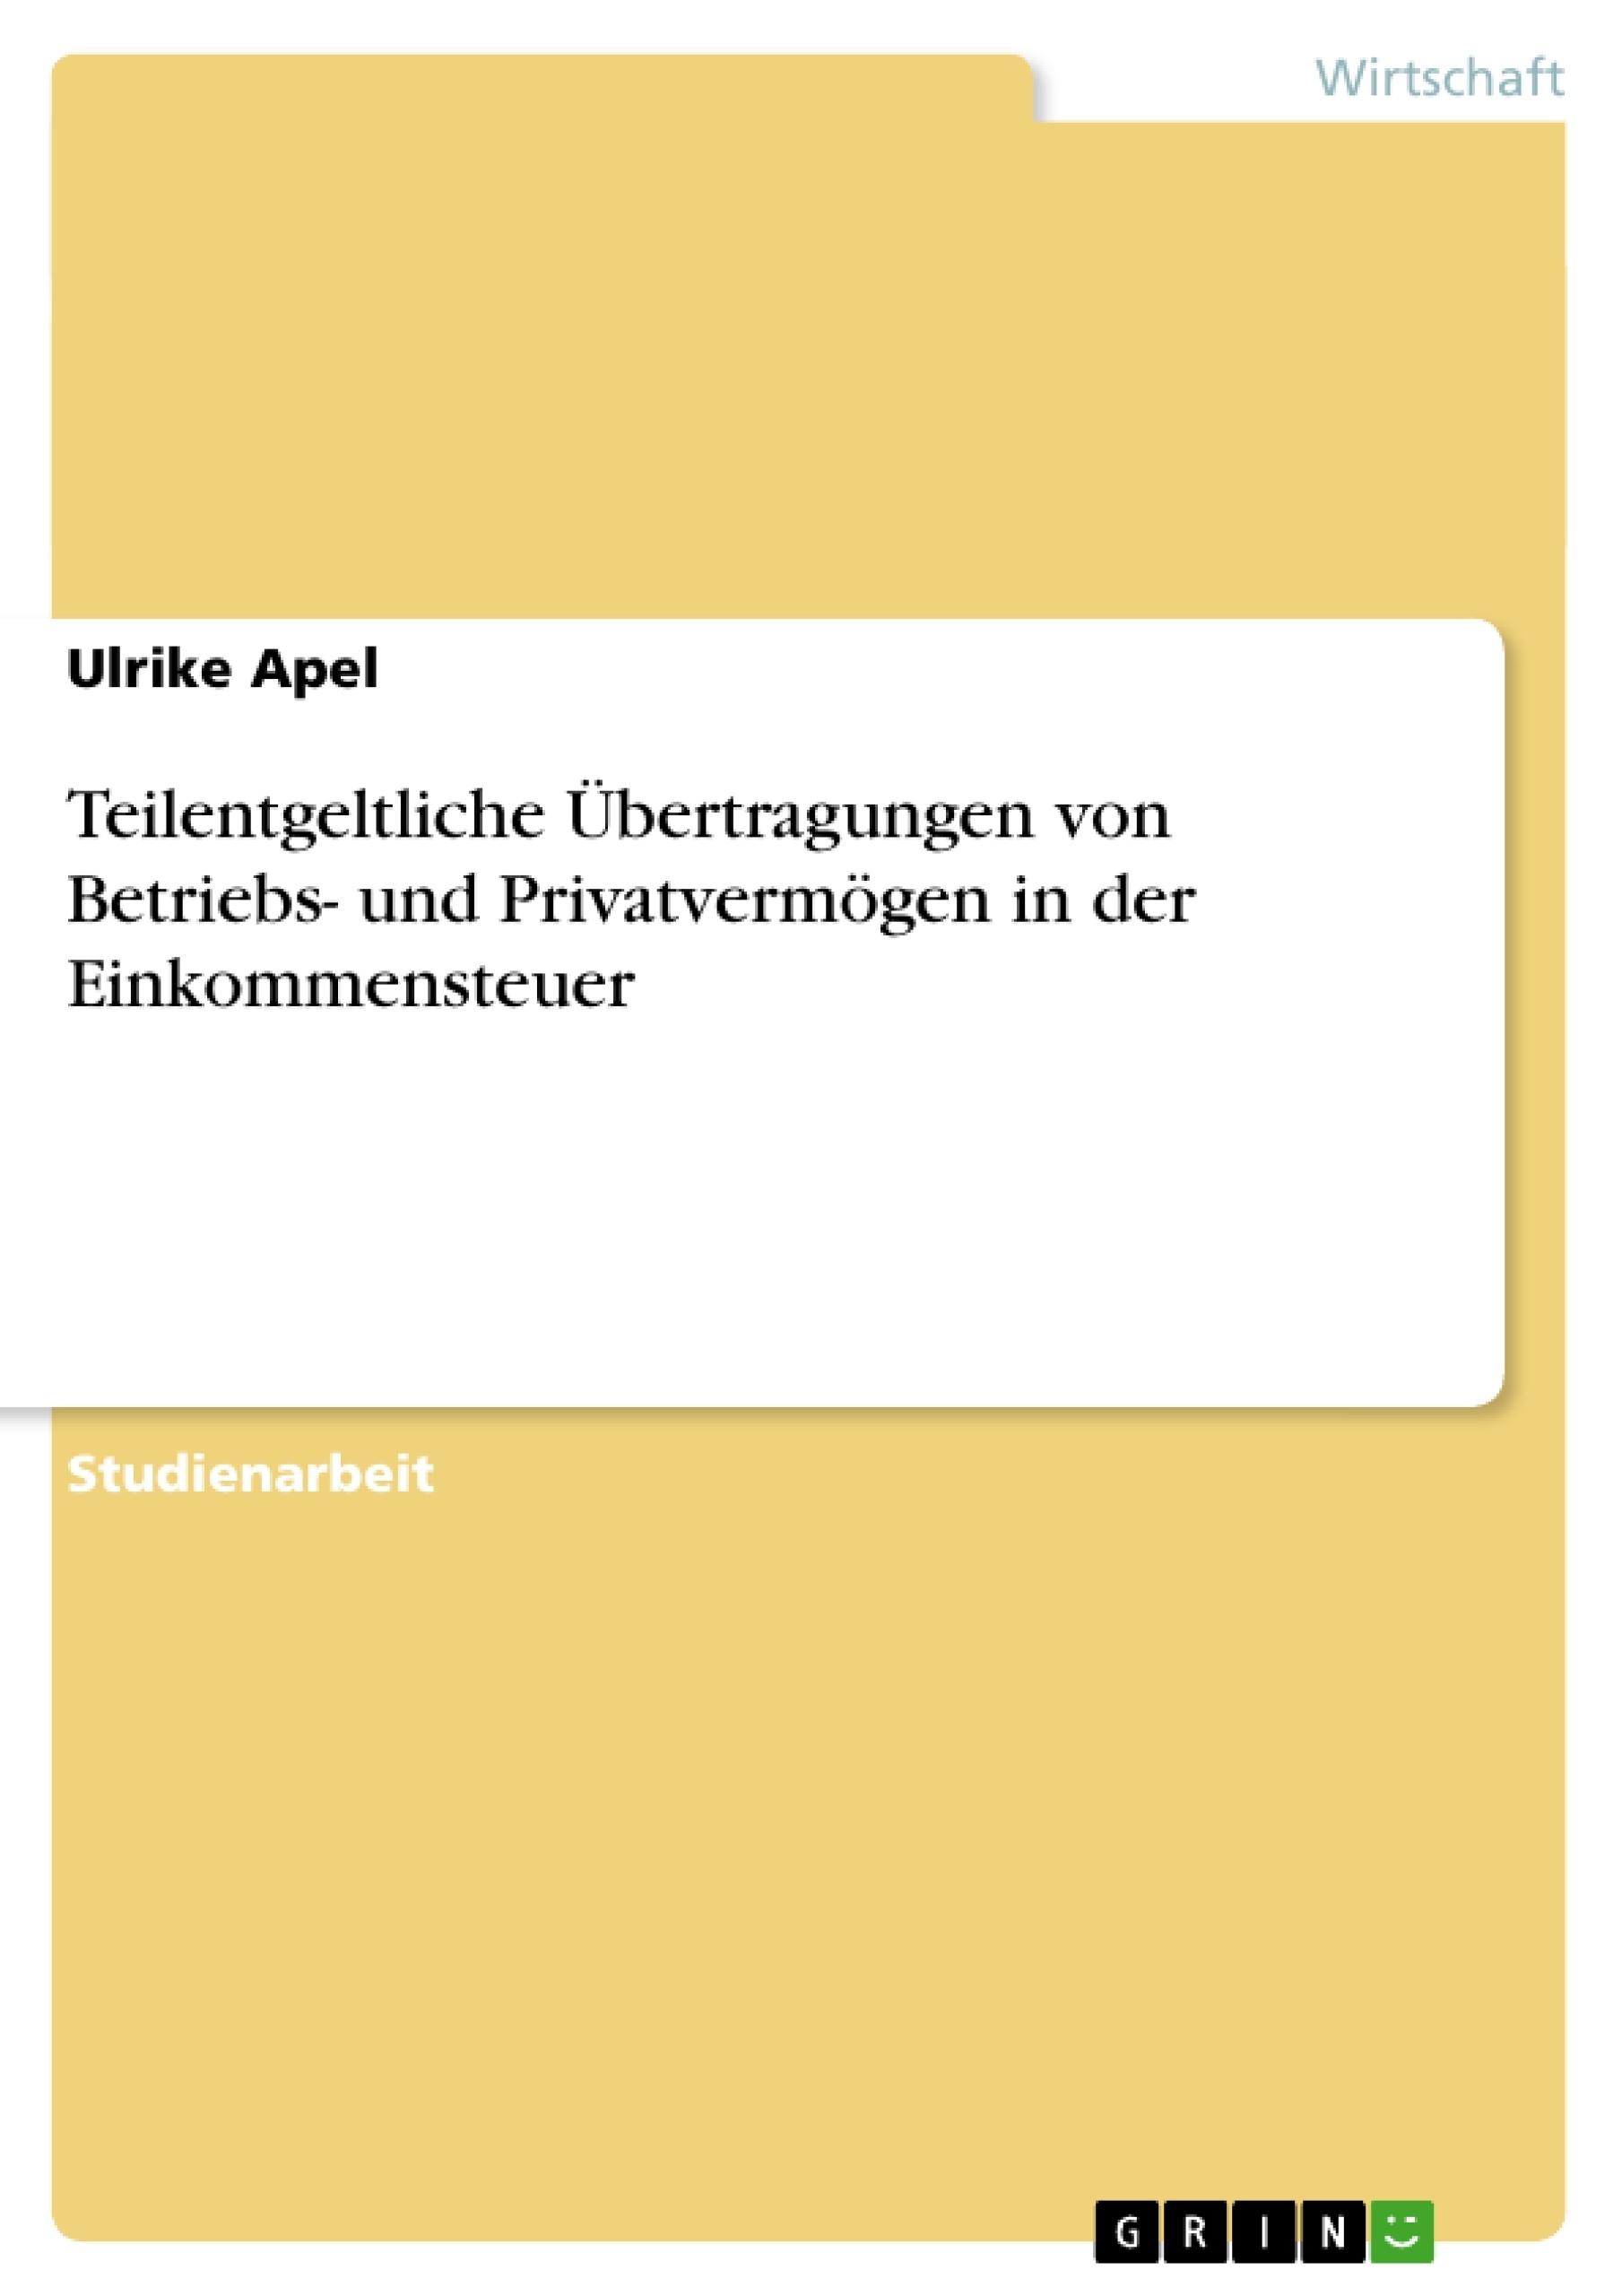 Titel: Teilentgeltliche Übertragungen von Betriebs- und Privatvermögen in der Einkommensteuer